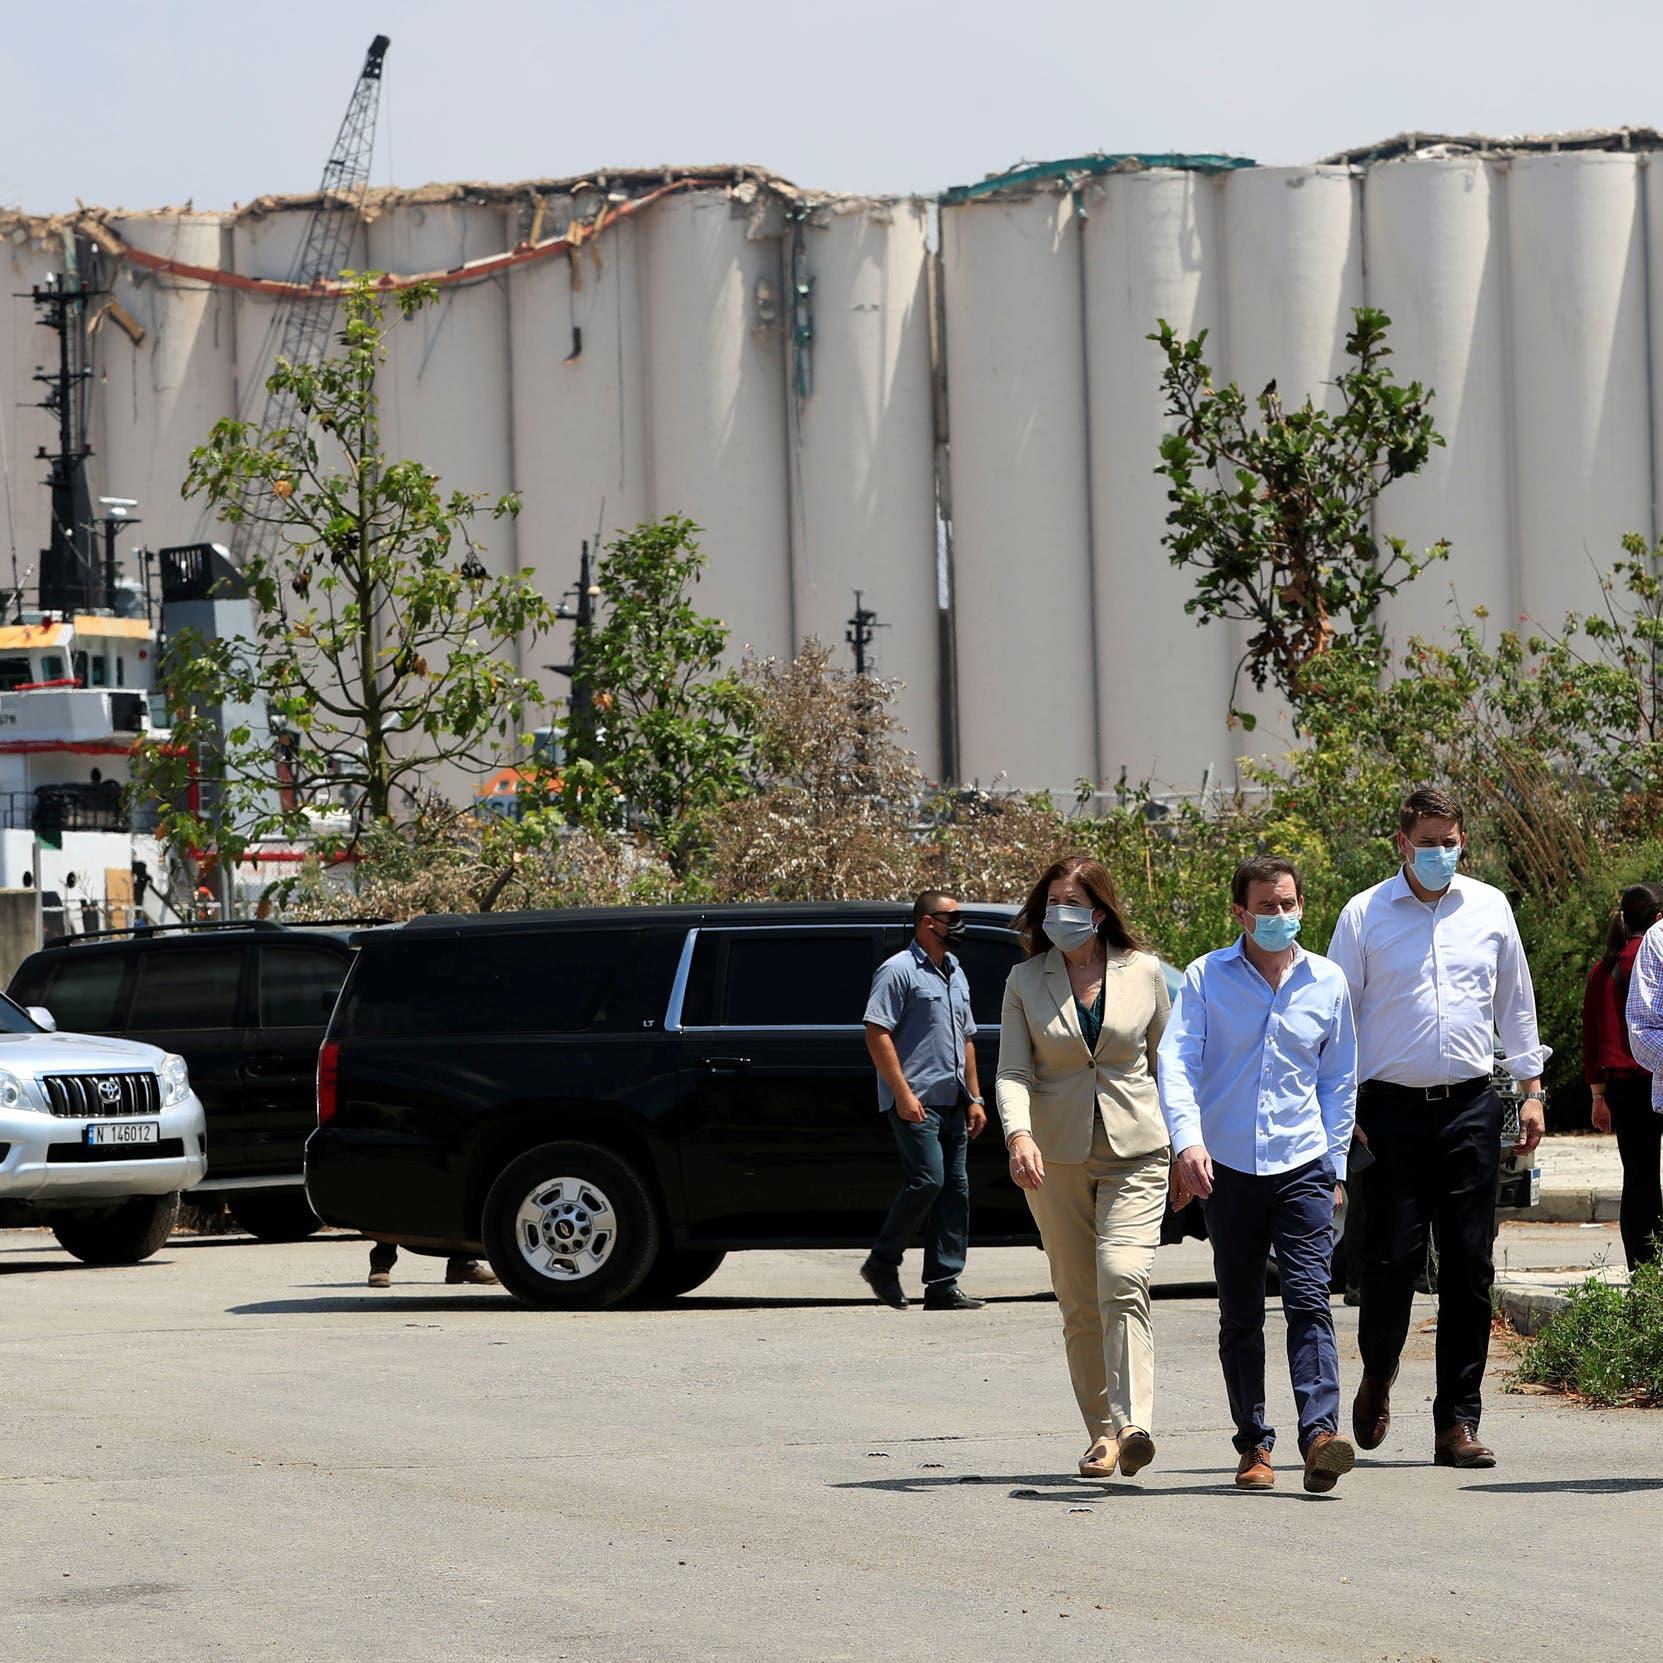 واشنطن: نريد أن نضمن تحقيقاً شفافاً وشاملاً بانفجار بيروت